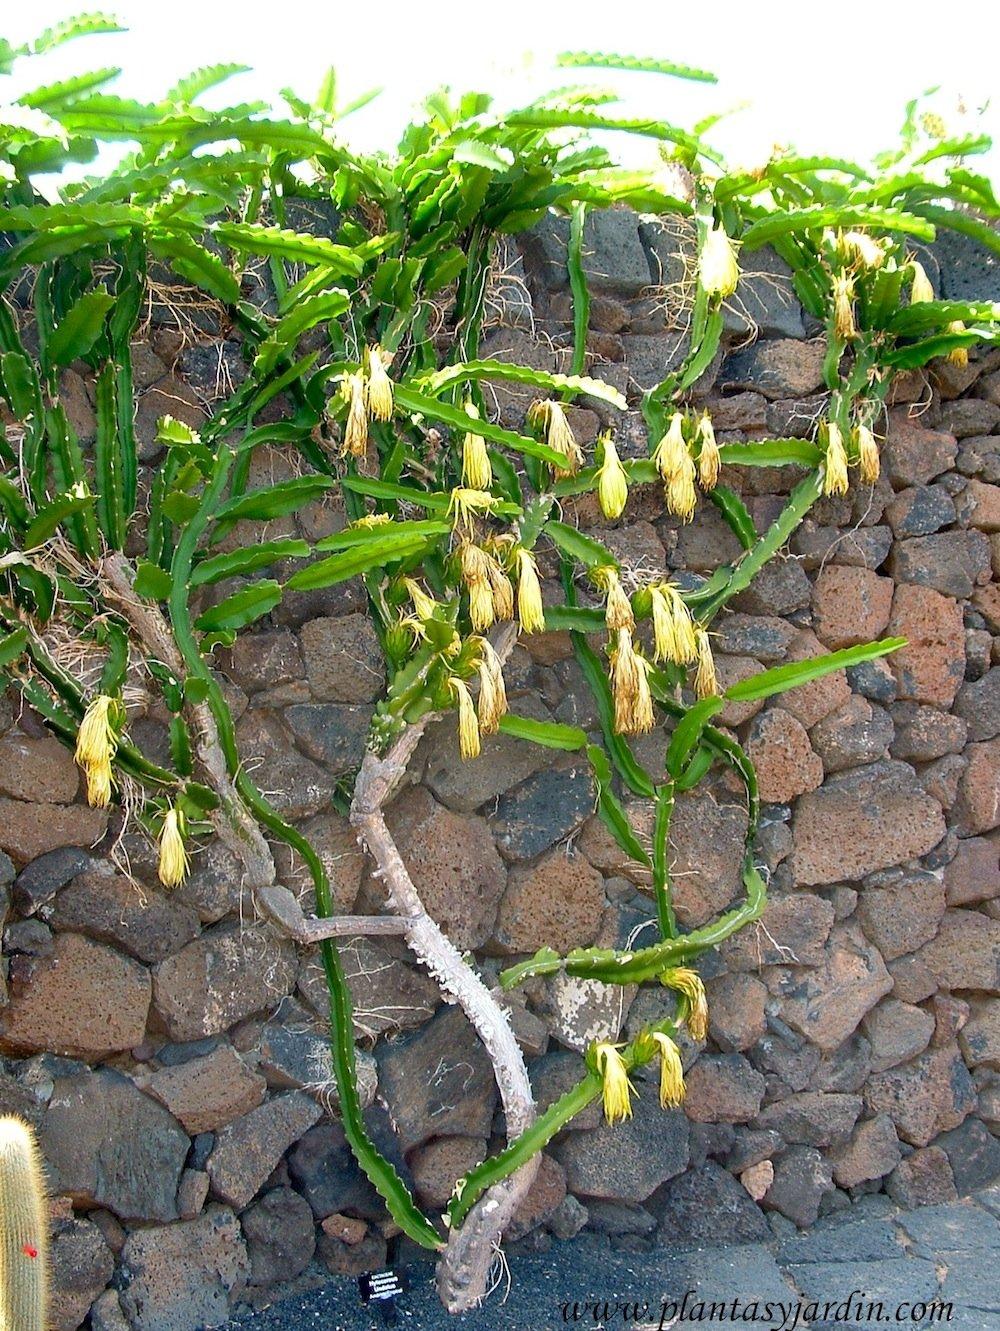 Hylocerus undatus, un cactus con hábito trepador